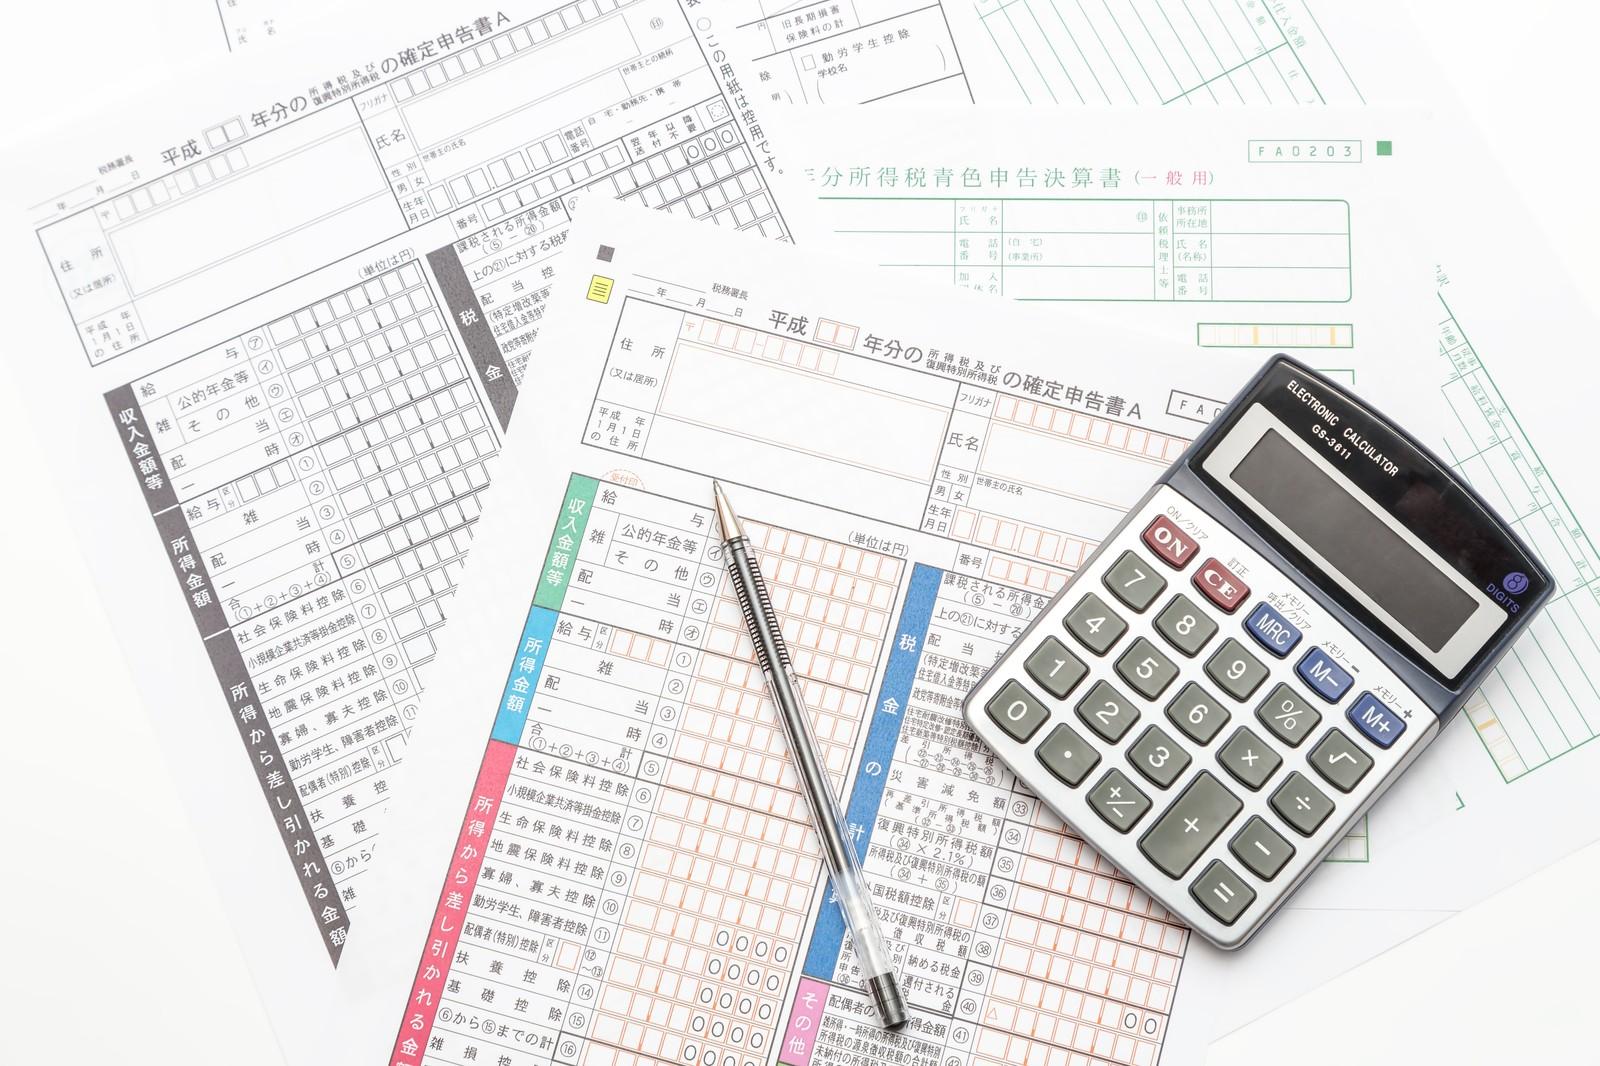 【個人・法人】バーチャルオフィスを使って起業(開業)したら納税地はどこになるのか